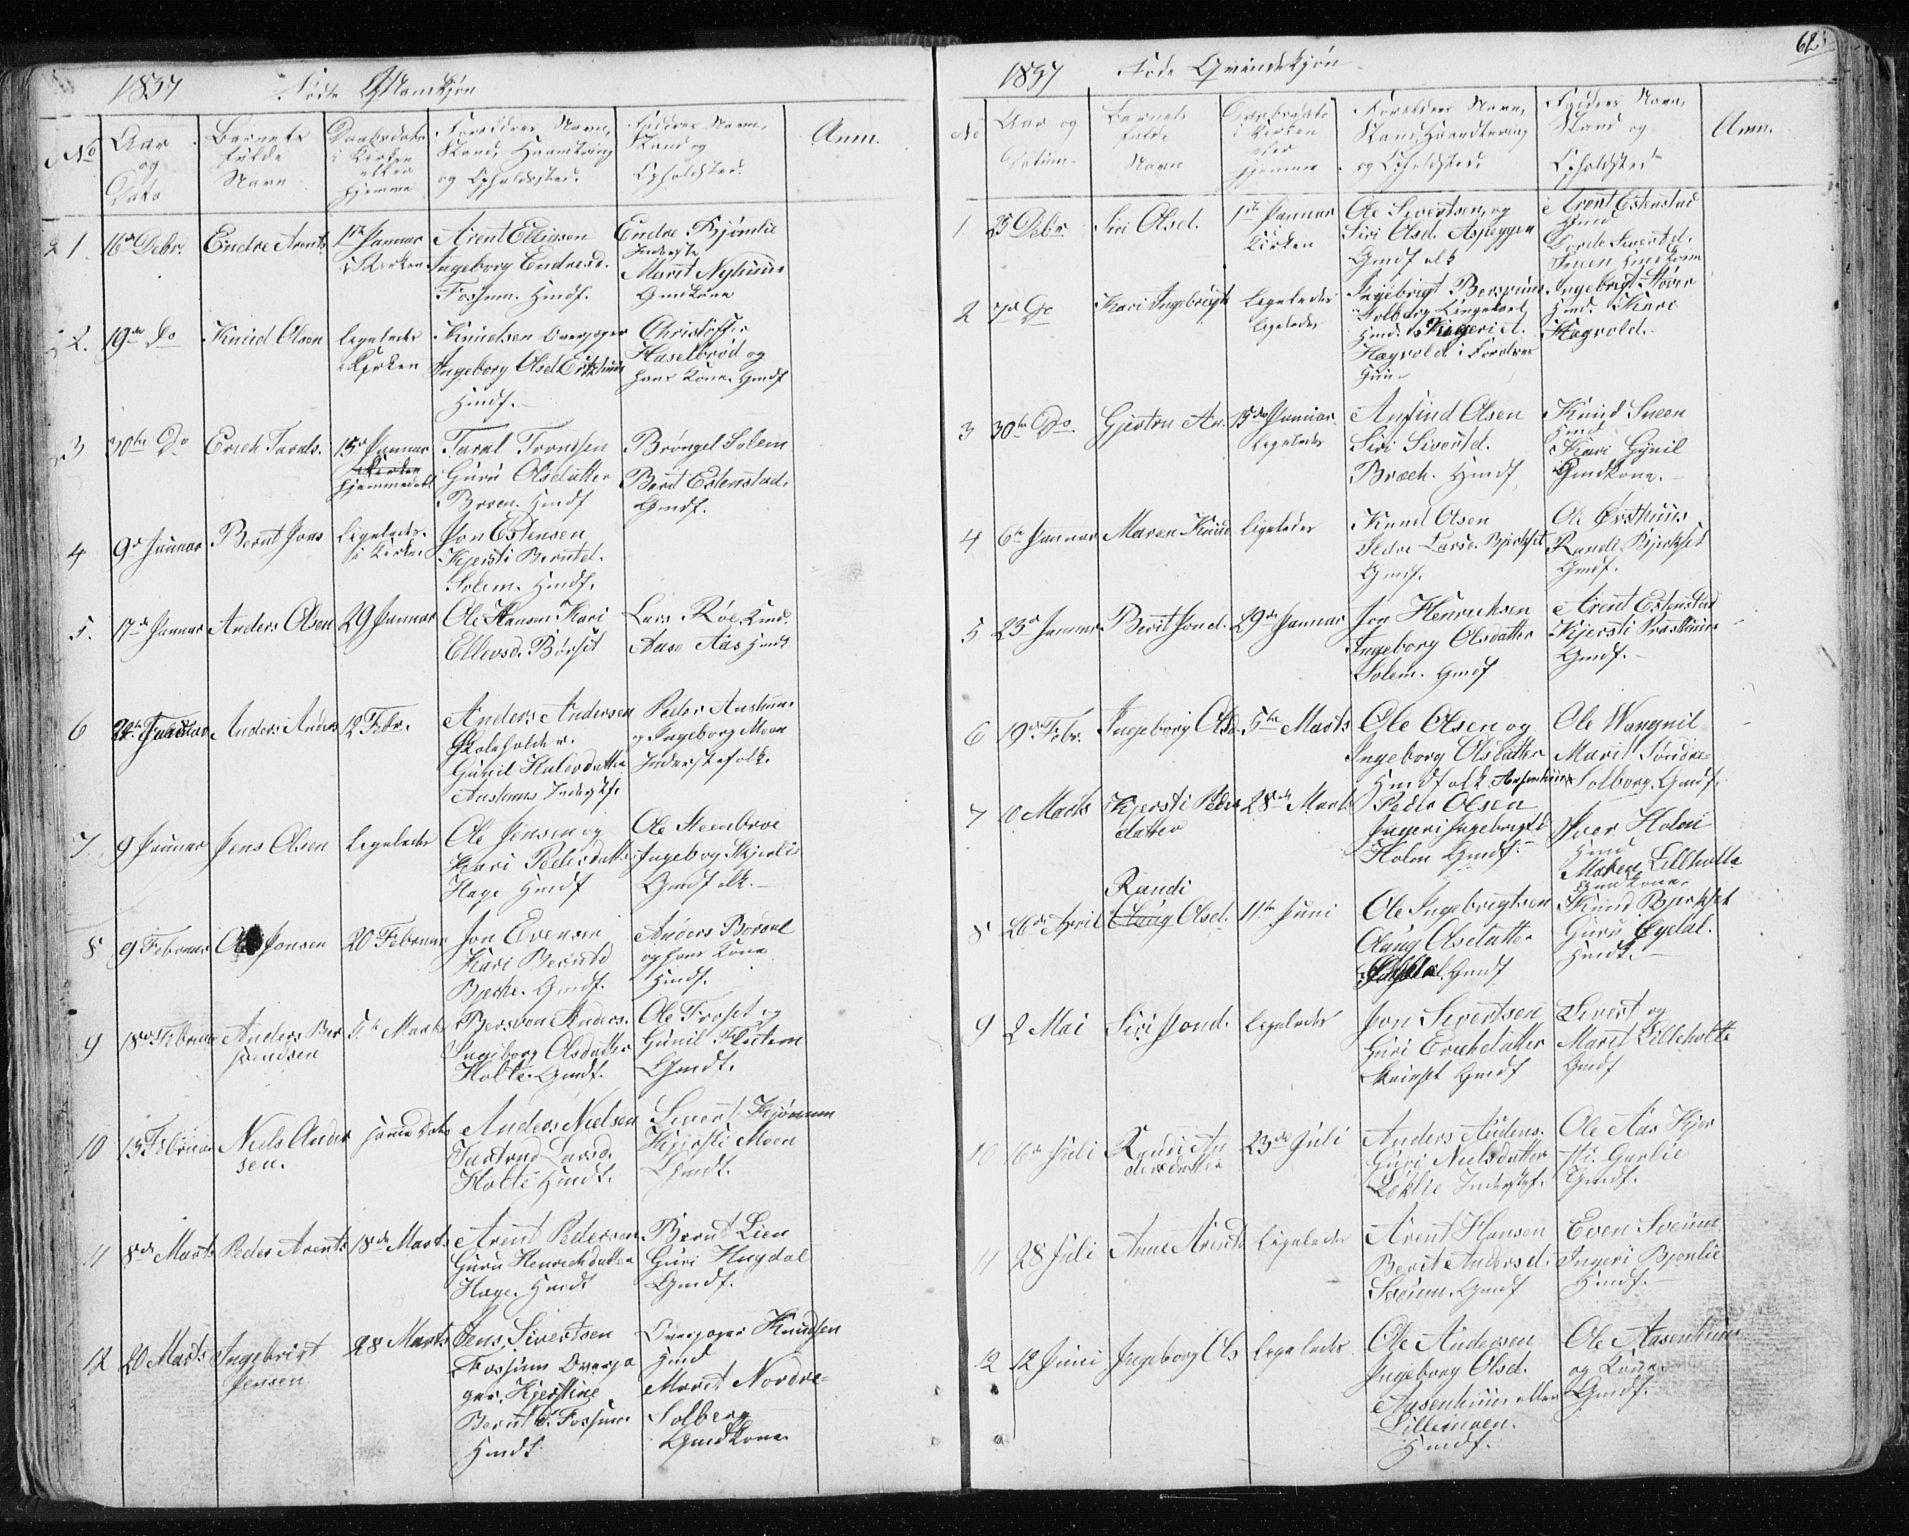 SAT, Ministerialprotokoller, klokkerbøker og fødselsregistre - Sør-Trøndelag, 689/L1043: Klokkerbok nr. 689C02, 1816-1892, s. 62